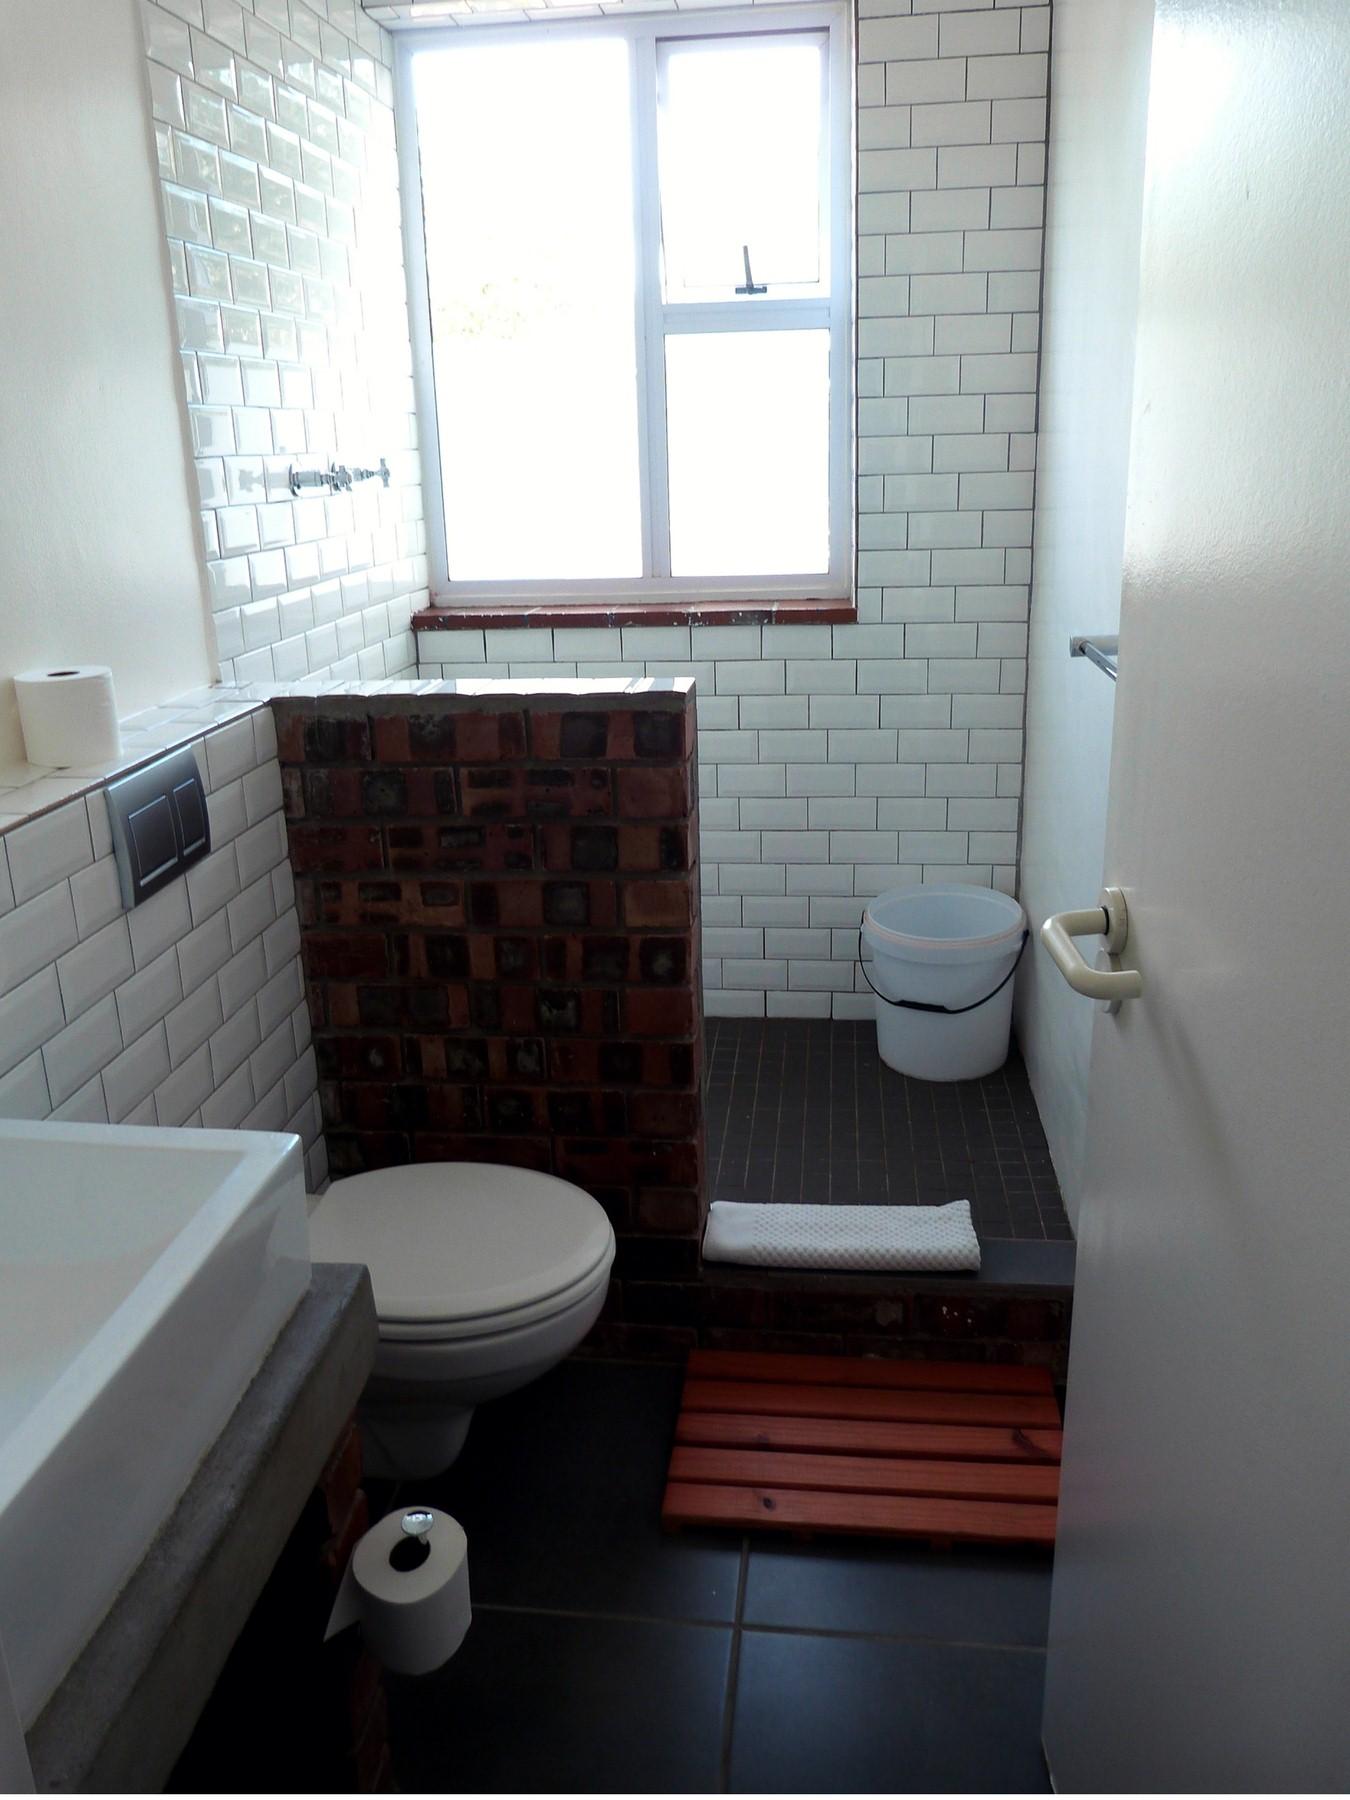 Um-dos-melhores-hostels-da-África-do-Sul-banheiro Um dos melhores hostels da África do Sul